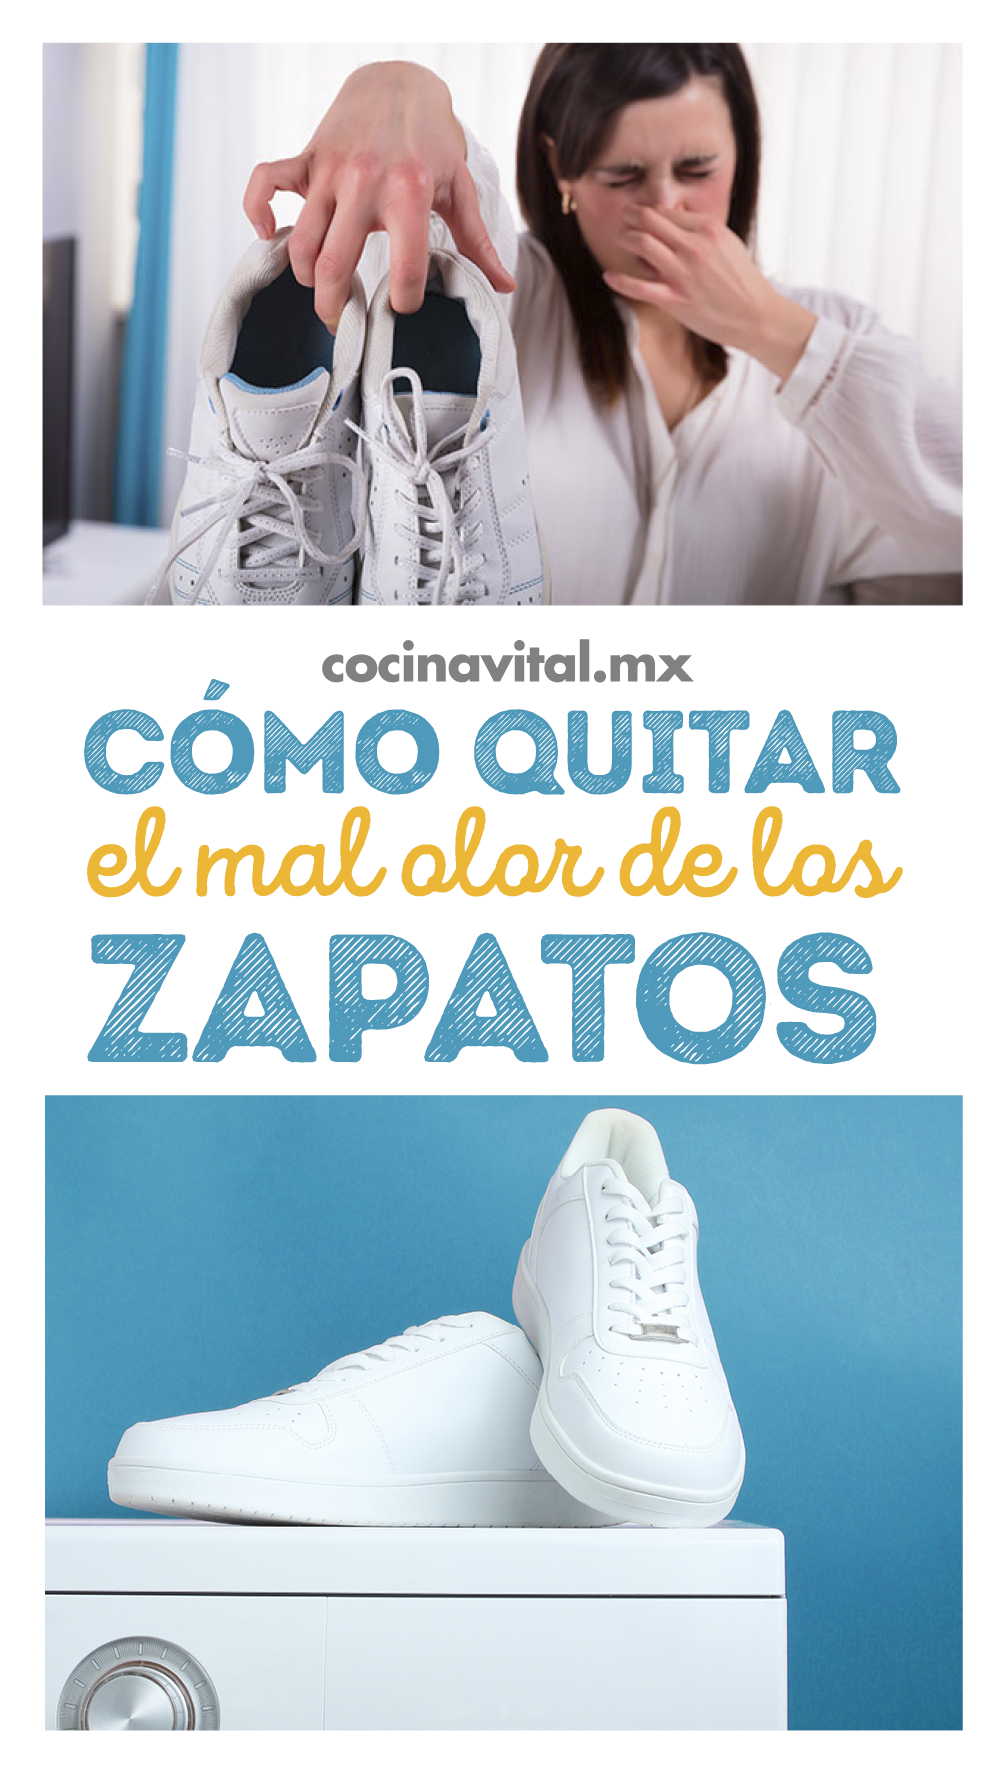 5 Trucos Para Quitar El Mal Olor De Los Zapatos Al Instante Limpieza De Zapatos Trucos Para Lavar La Ropa Trucos De Limpieza